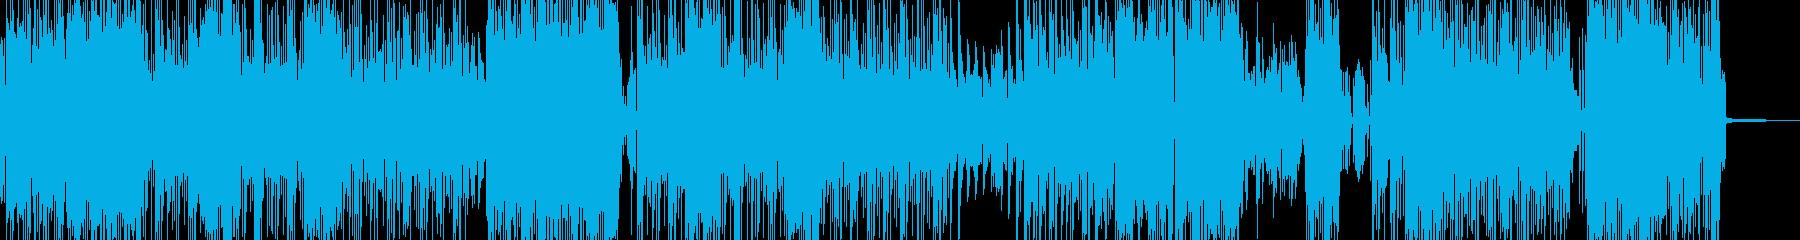 高揚感・サイバーコミカルなポップの再生済みの波形